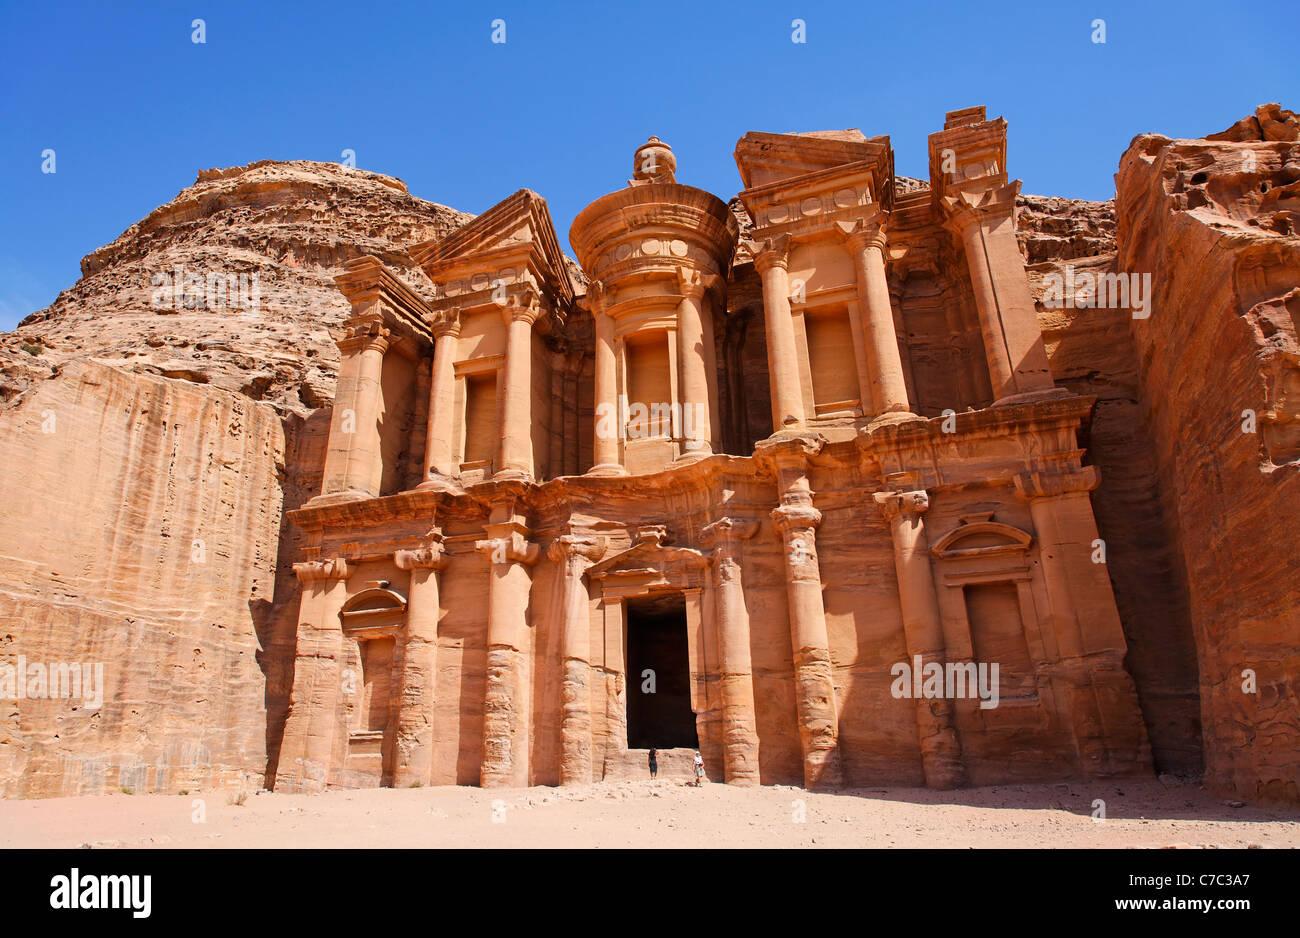 Il monastero, scolpito nella roccia, di Petra, Giordania Immagini Stock